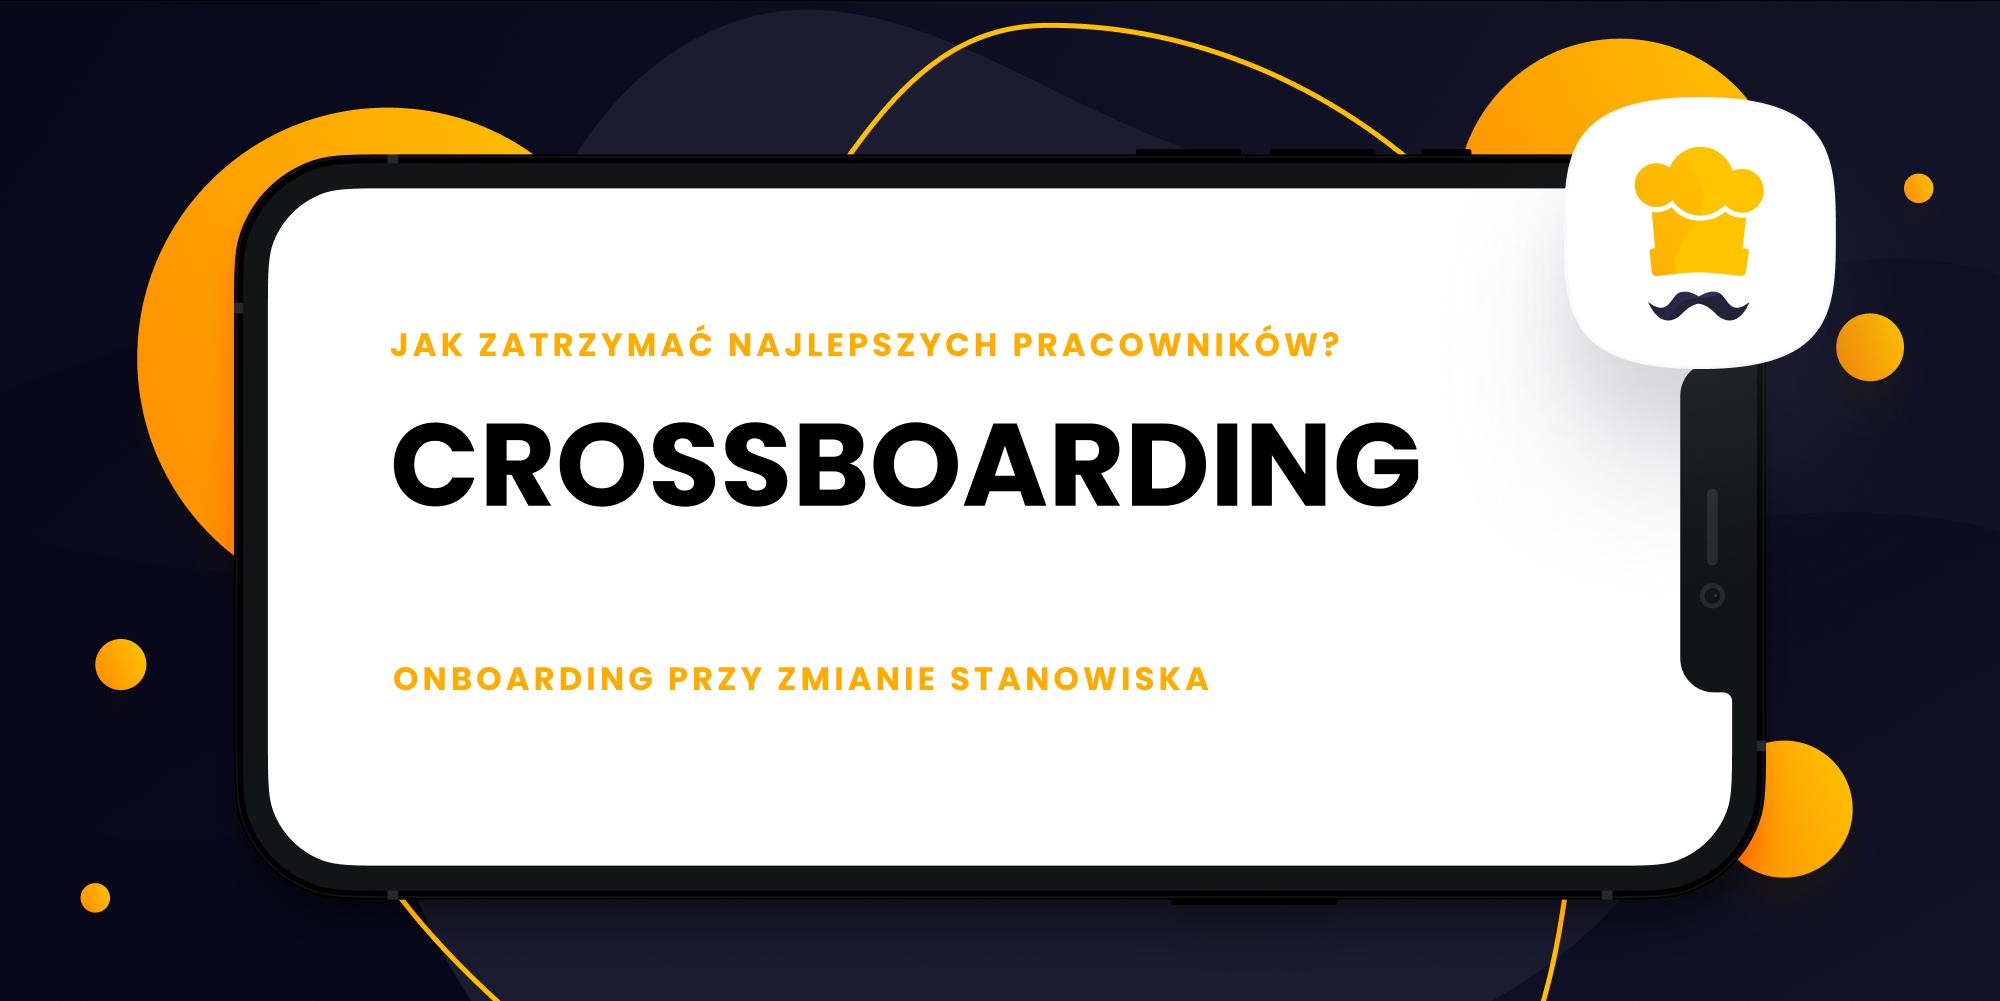 Crossboarding - alternatywa dla kosztownej rekrutacji